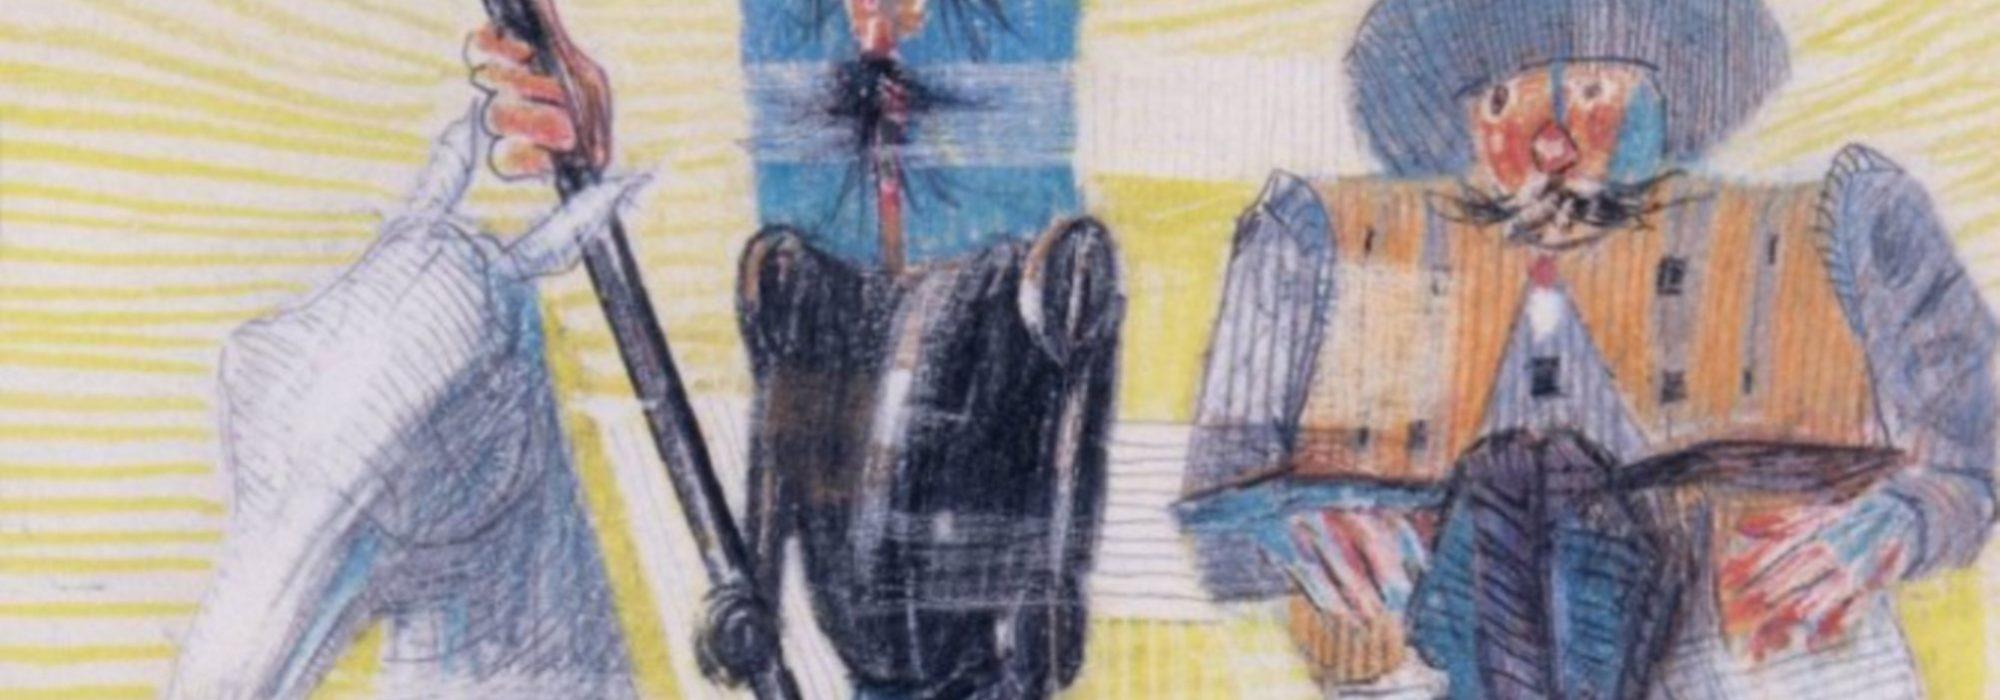 Imagem: Dom Quixote e Sancho Pança Saindo Para as Suas Aventuras (Portinari, 1956, detalhe)